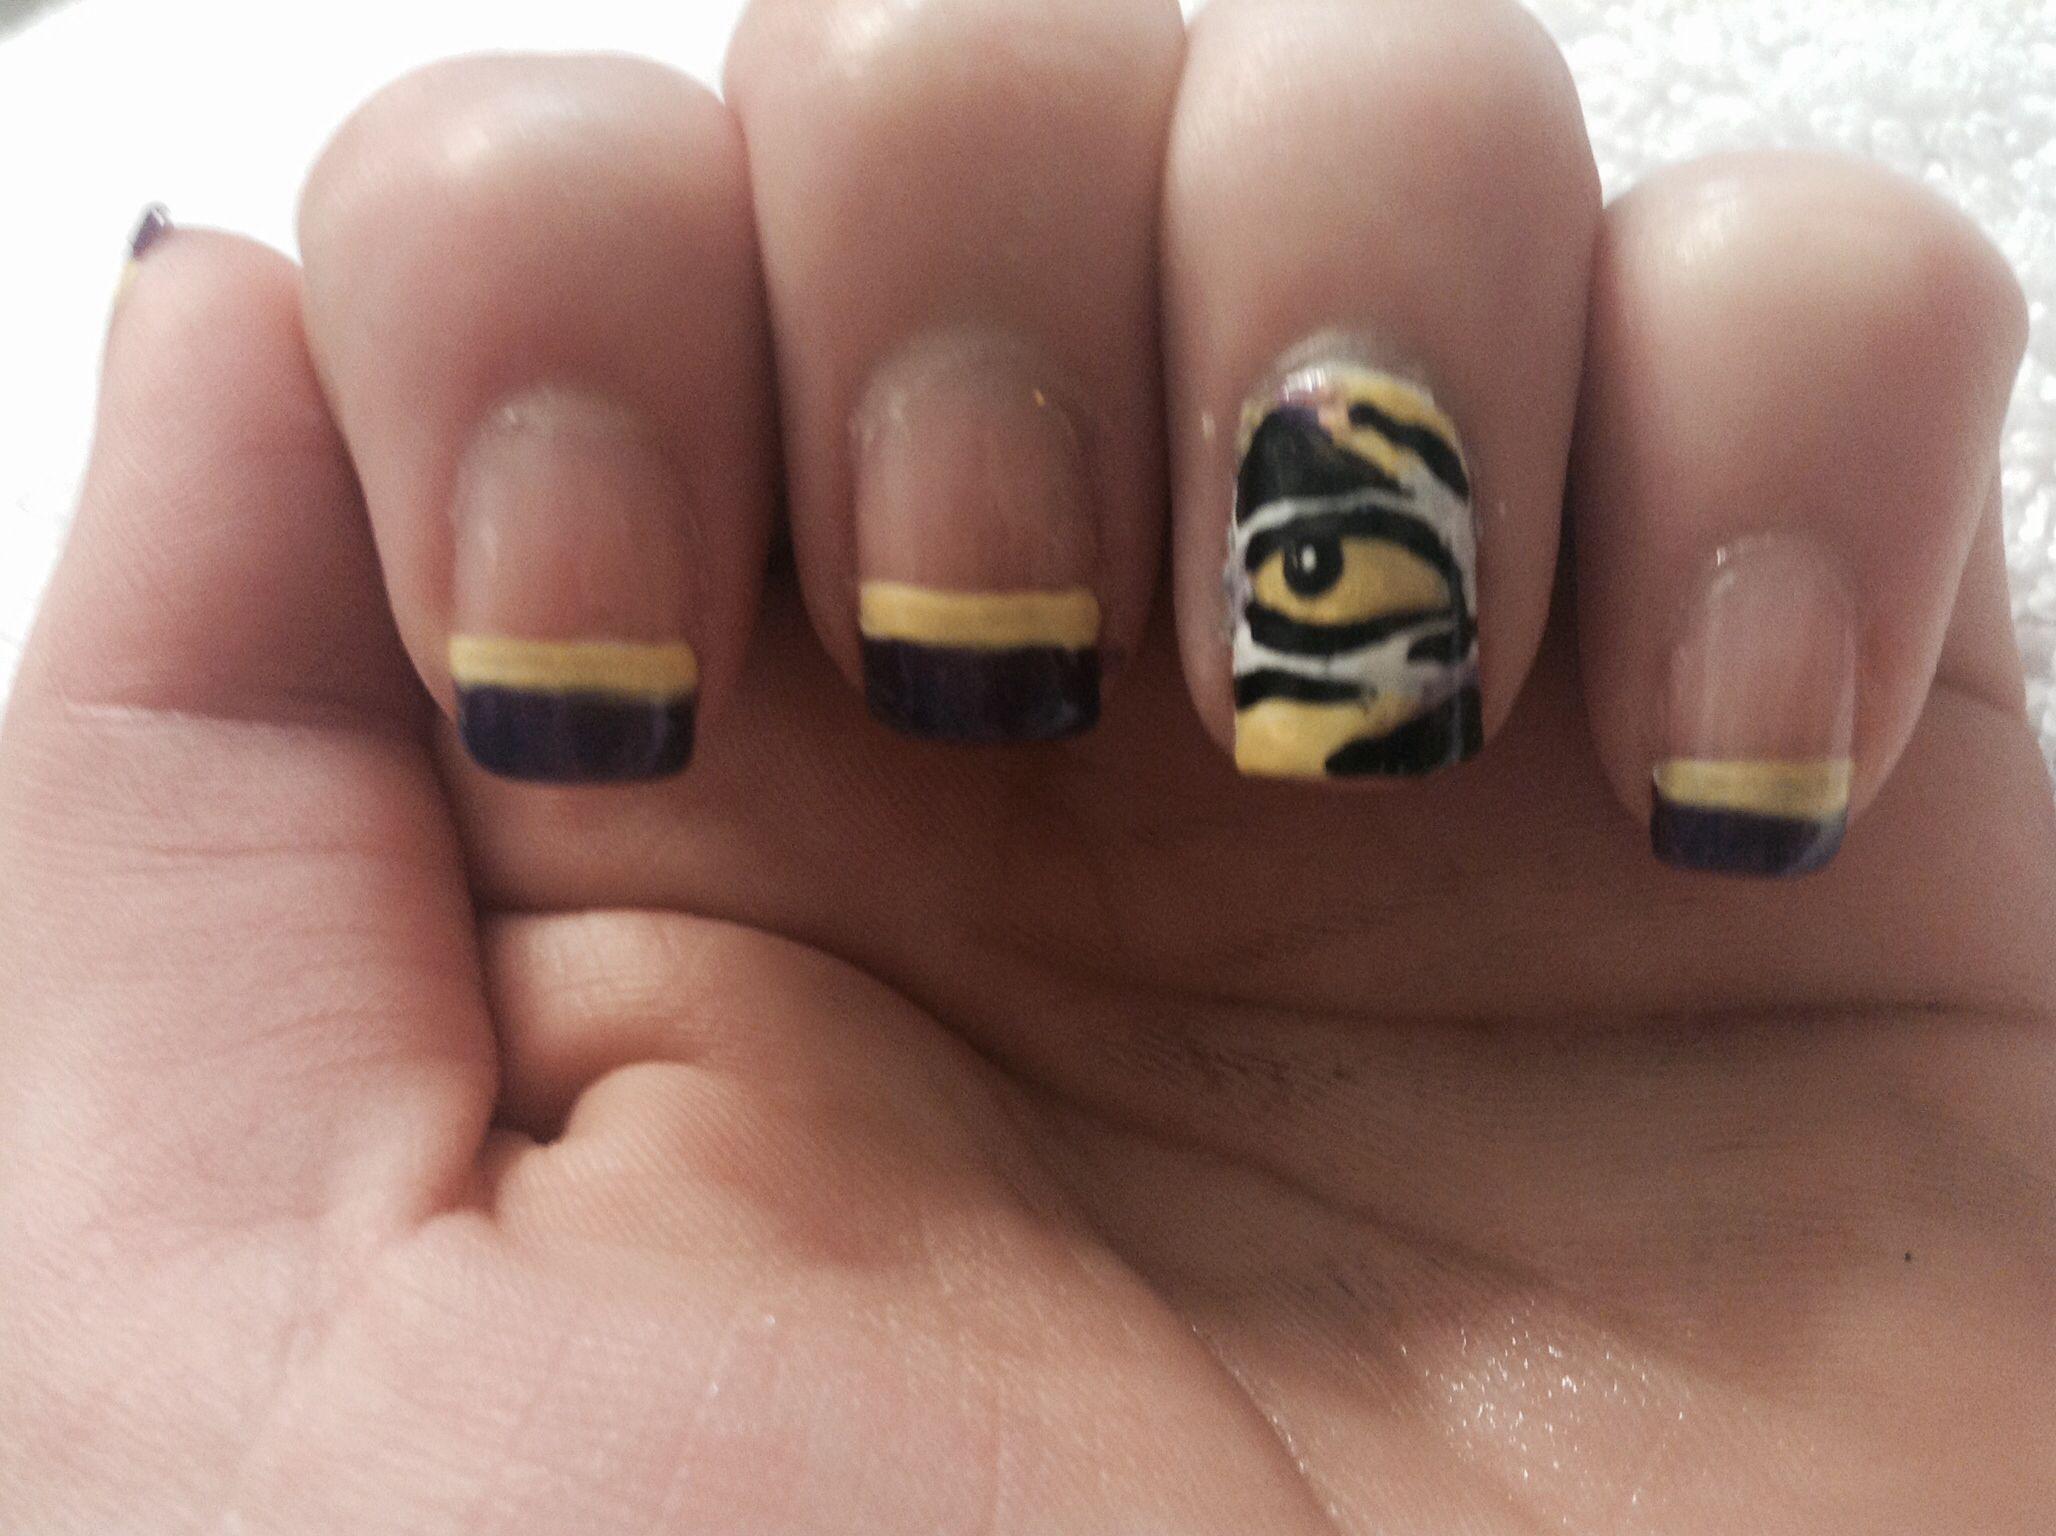 LSU nails | Nail art | Pinterest | Tiger nails and Makeup